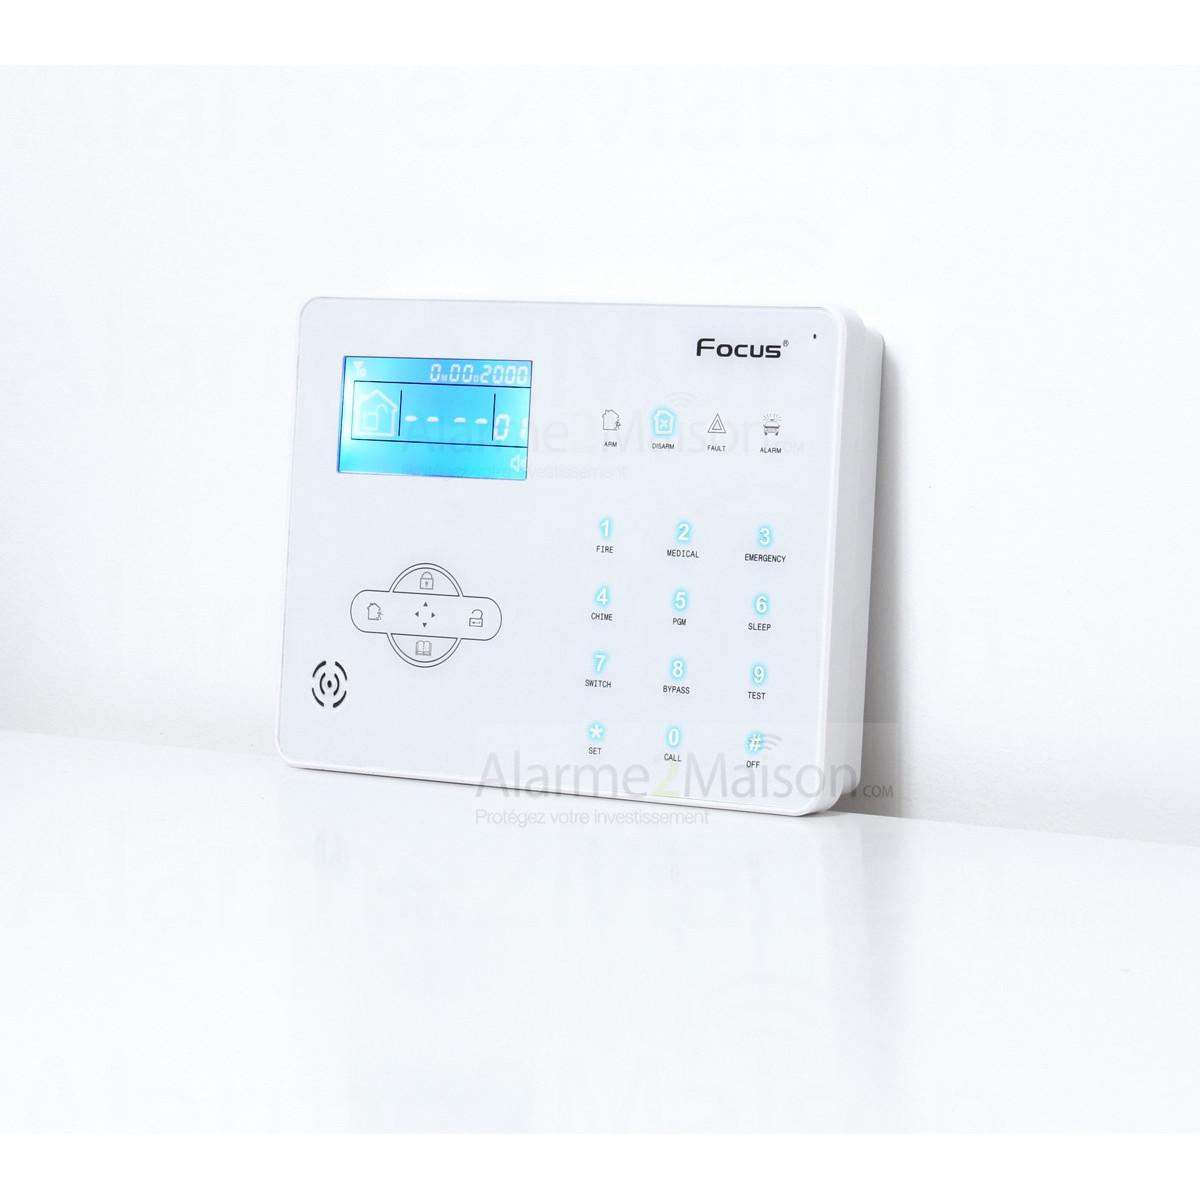 Alarme Maison Sans Fil Gsm Rtc Focus 3 A 4 Pieces Alarme2maison Com